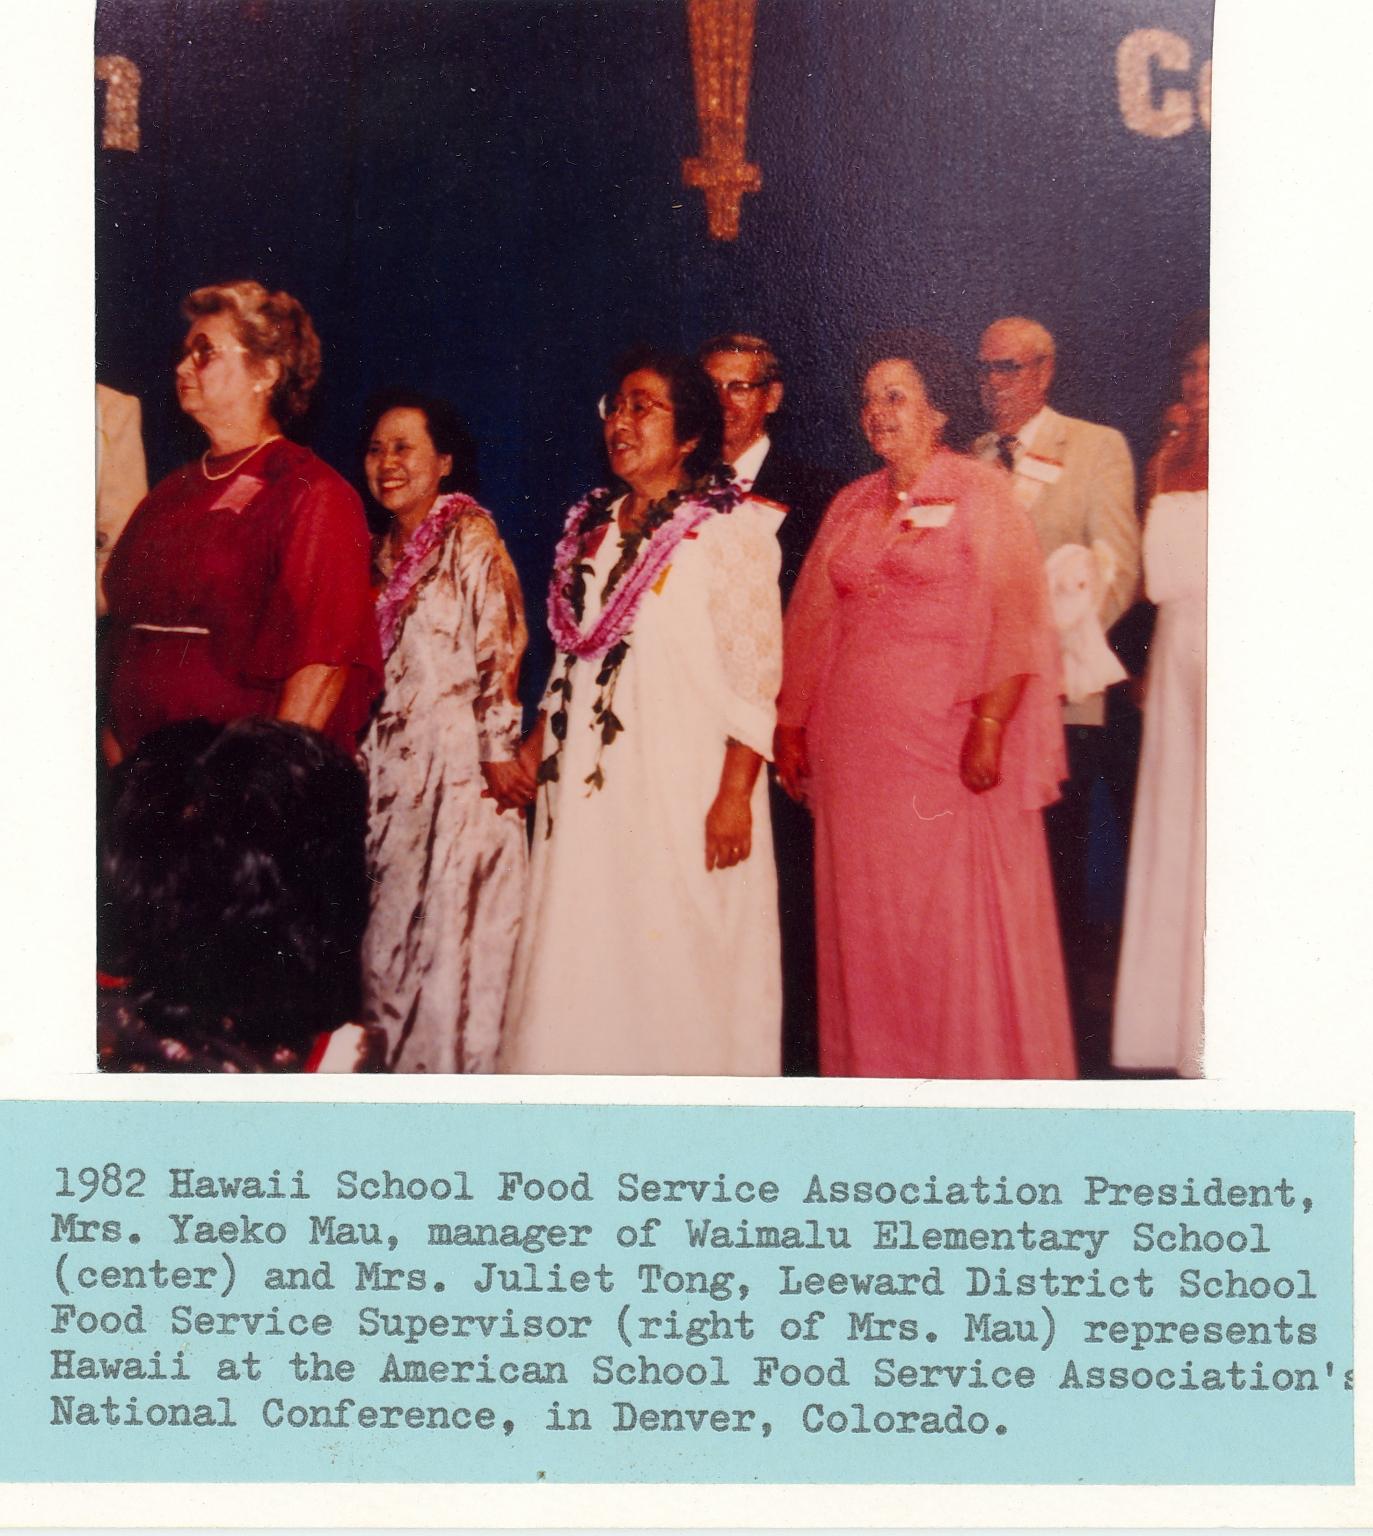 AFSFA Denver 1982